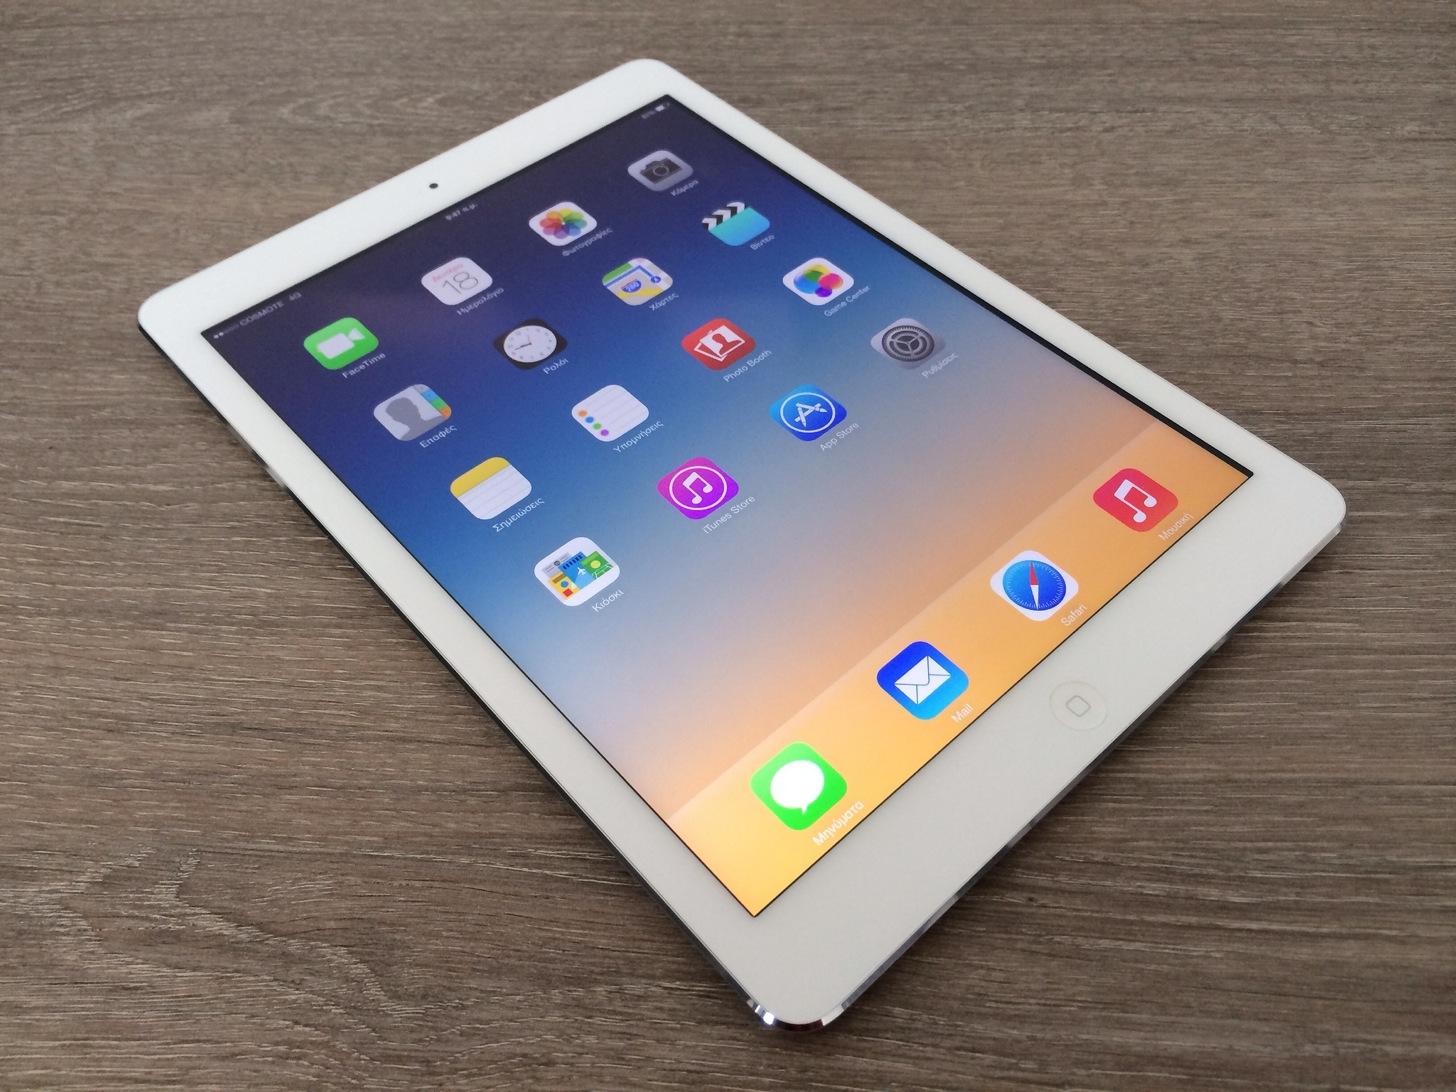 10月17日のAppleスペシャルイベントにはやはり指紋認証を搭載した新型iPad AirとiPad miniが発表されることが濃厚に。